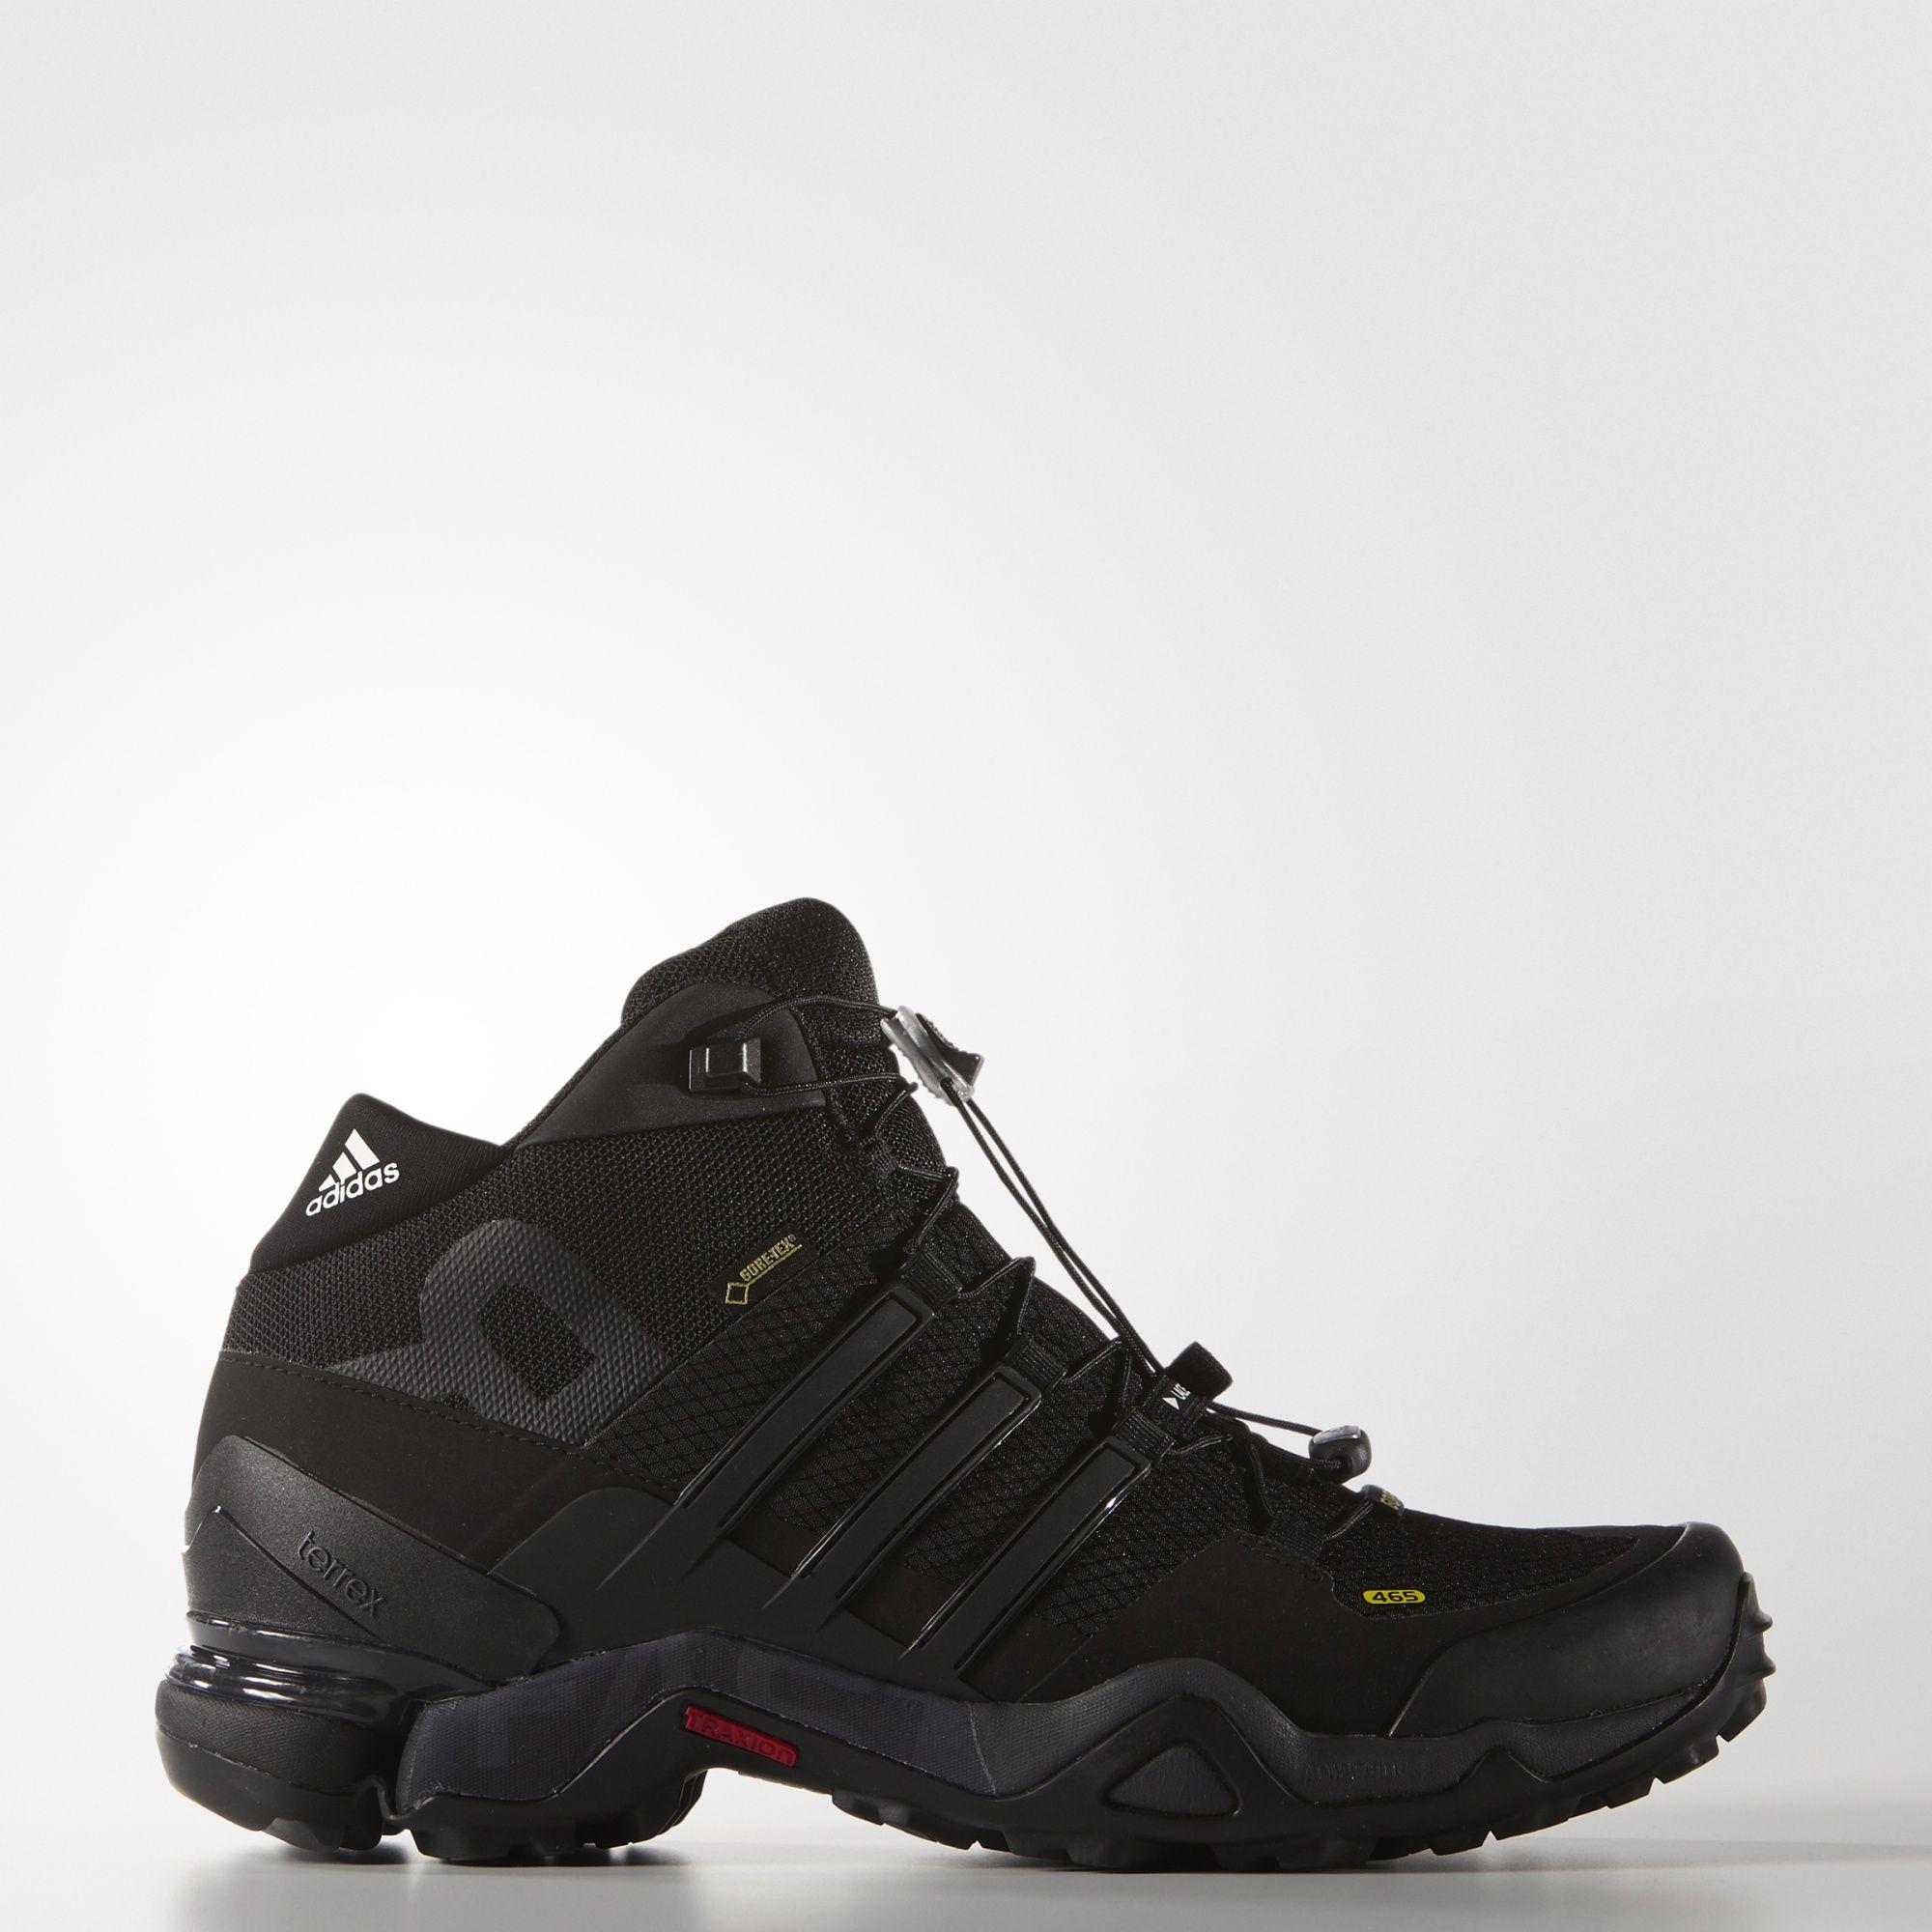 035c8a3 adidas terrex fast r mid gtx